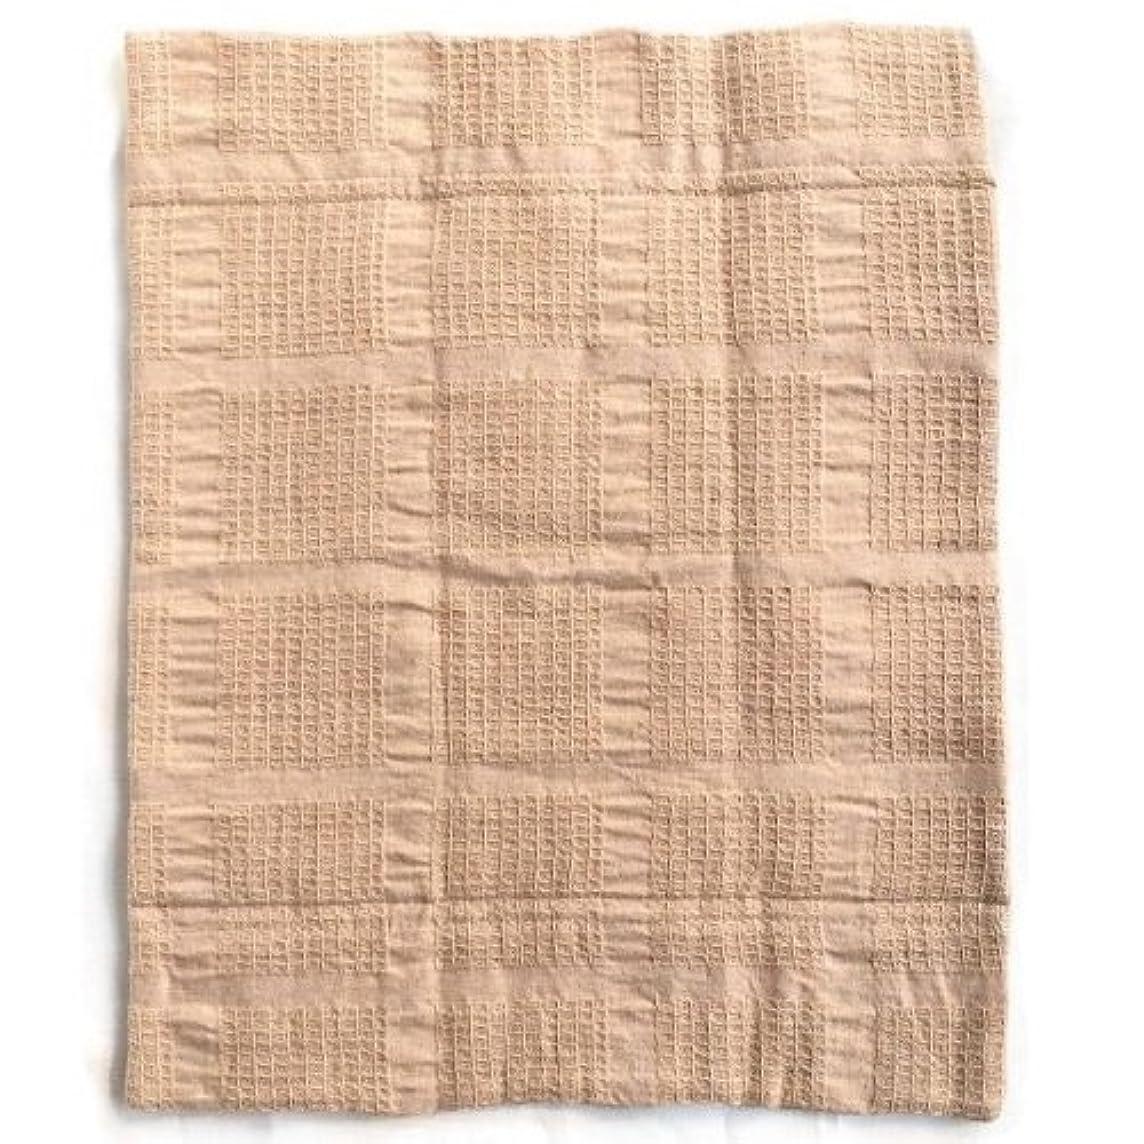 バーマドご飯洗練華布のオーガニックコットンの布ナプキン LLサイズ(約28cm×約35cm) 1枚入り